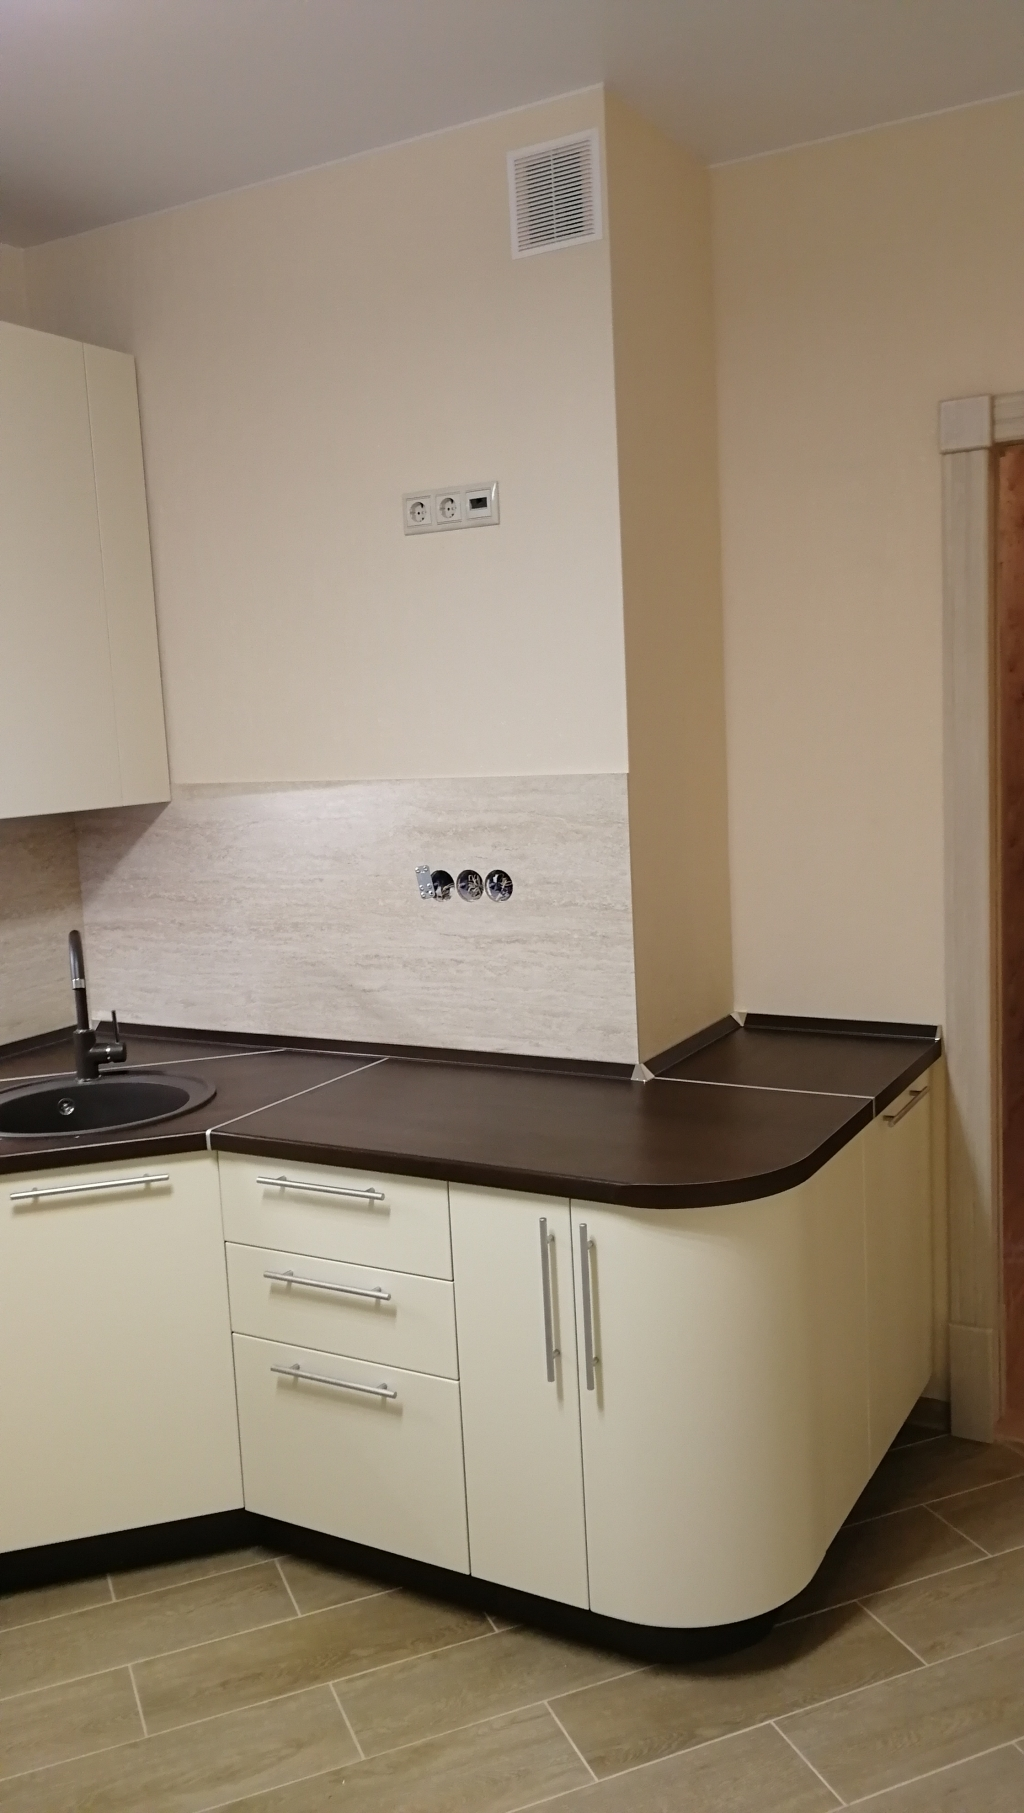 Мебельная фабрика Стильные кухни - Кухня в новую квартиру